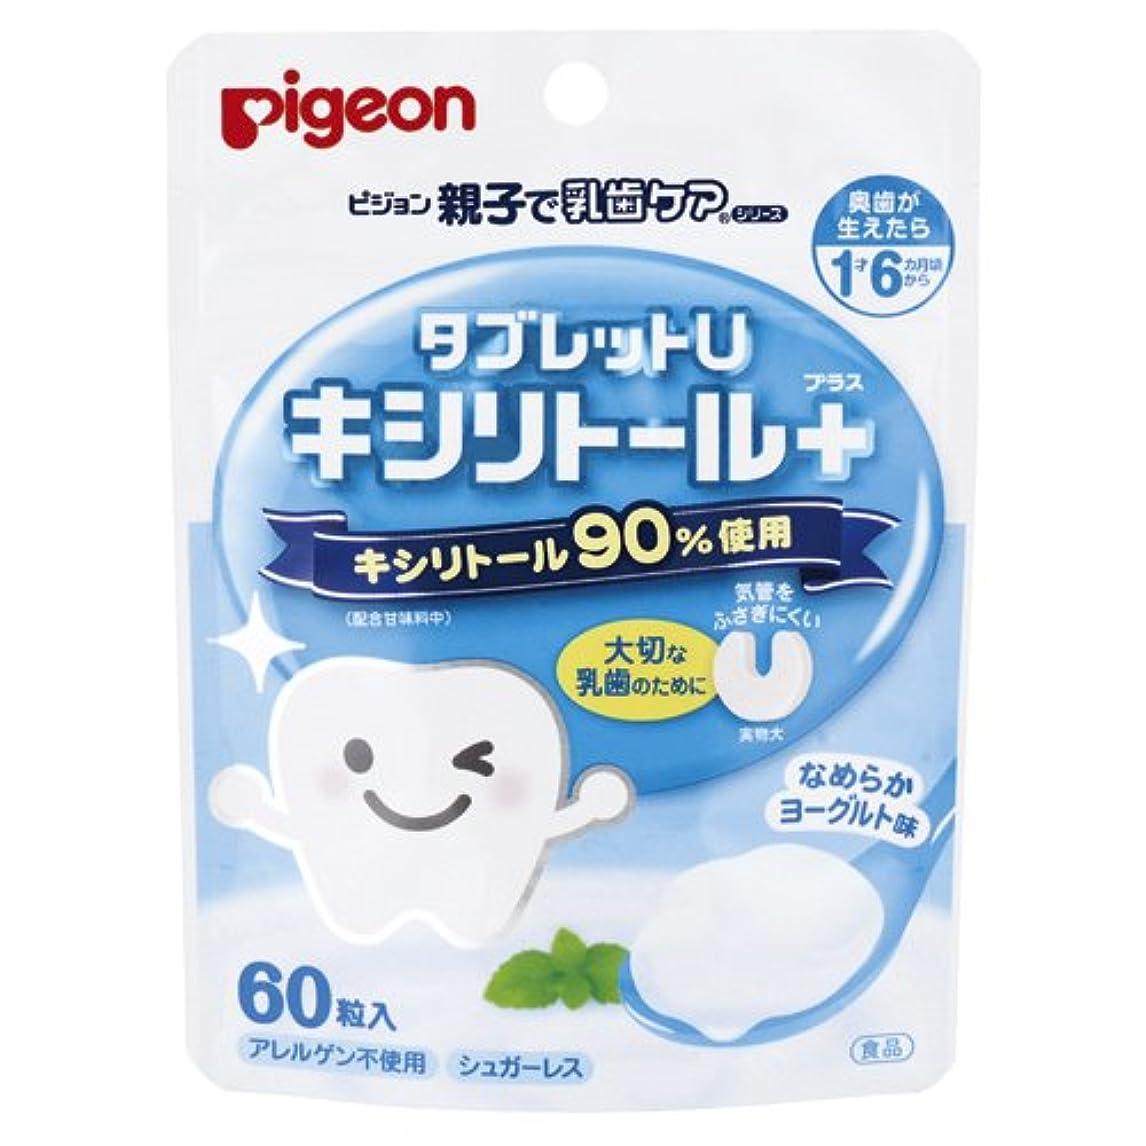 もう一度素敵なアルバムピジョン 親子で乳歯ケア タブレットU ヨーグルト味 60粒入